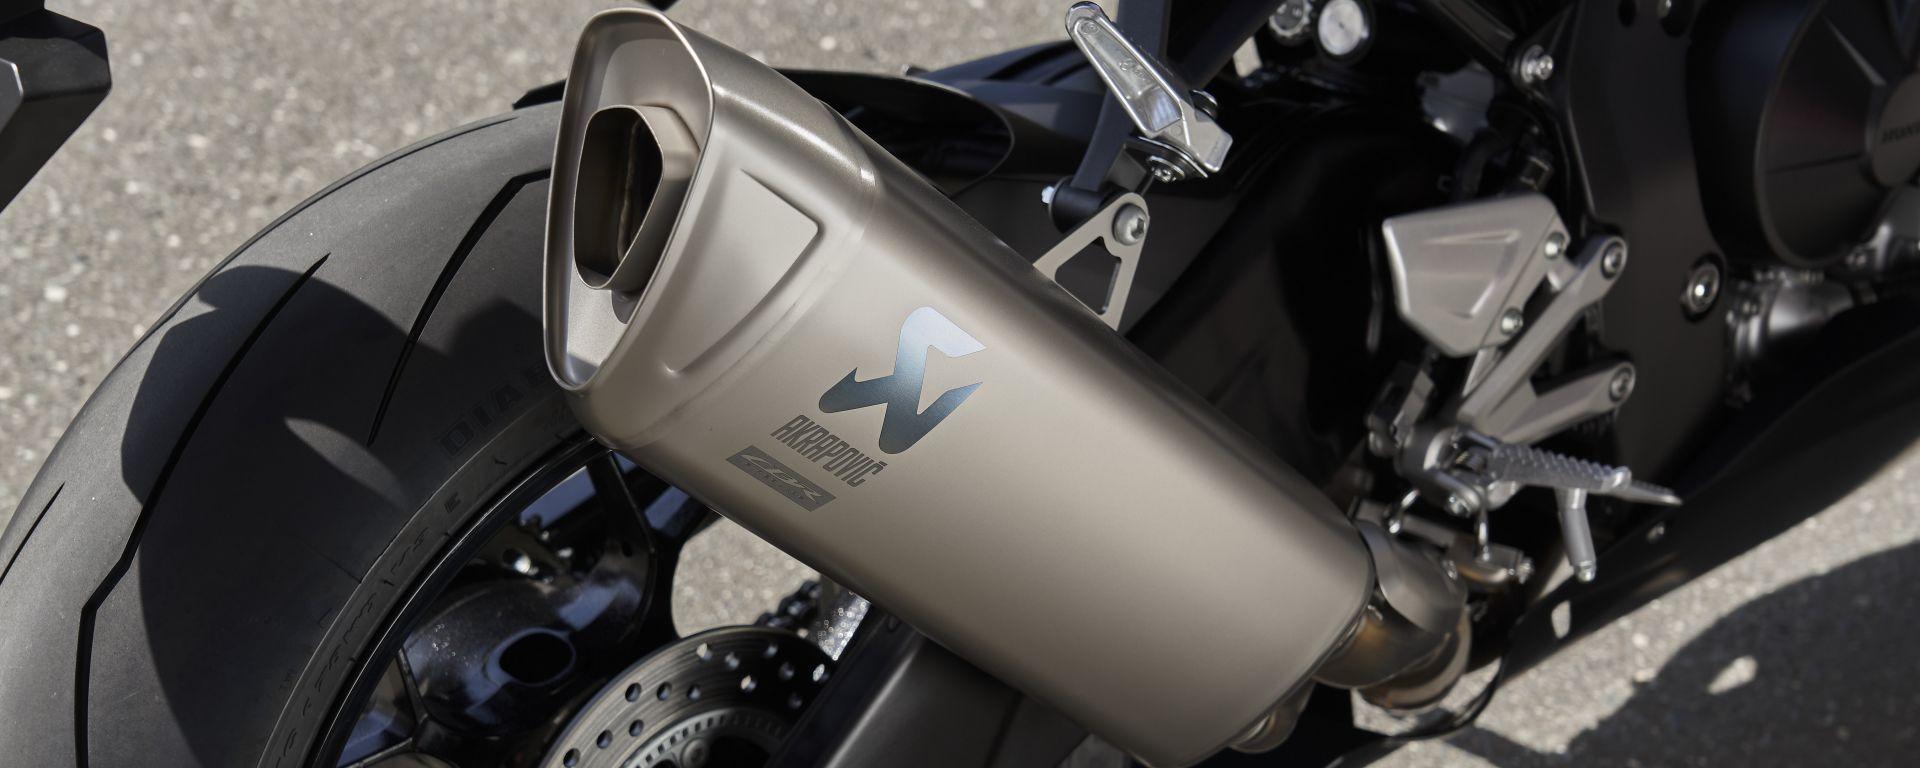 Honda CBR 1000 RR-R Fireblade 2020: lo scarico Akrapovic è una vera chicca